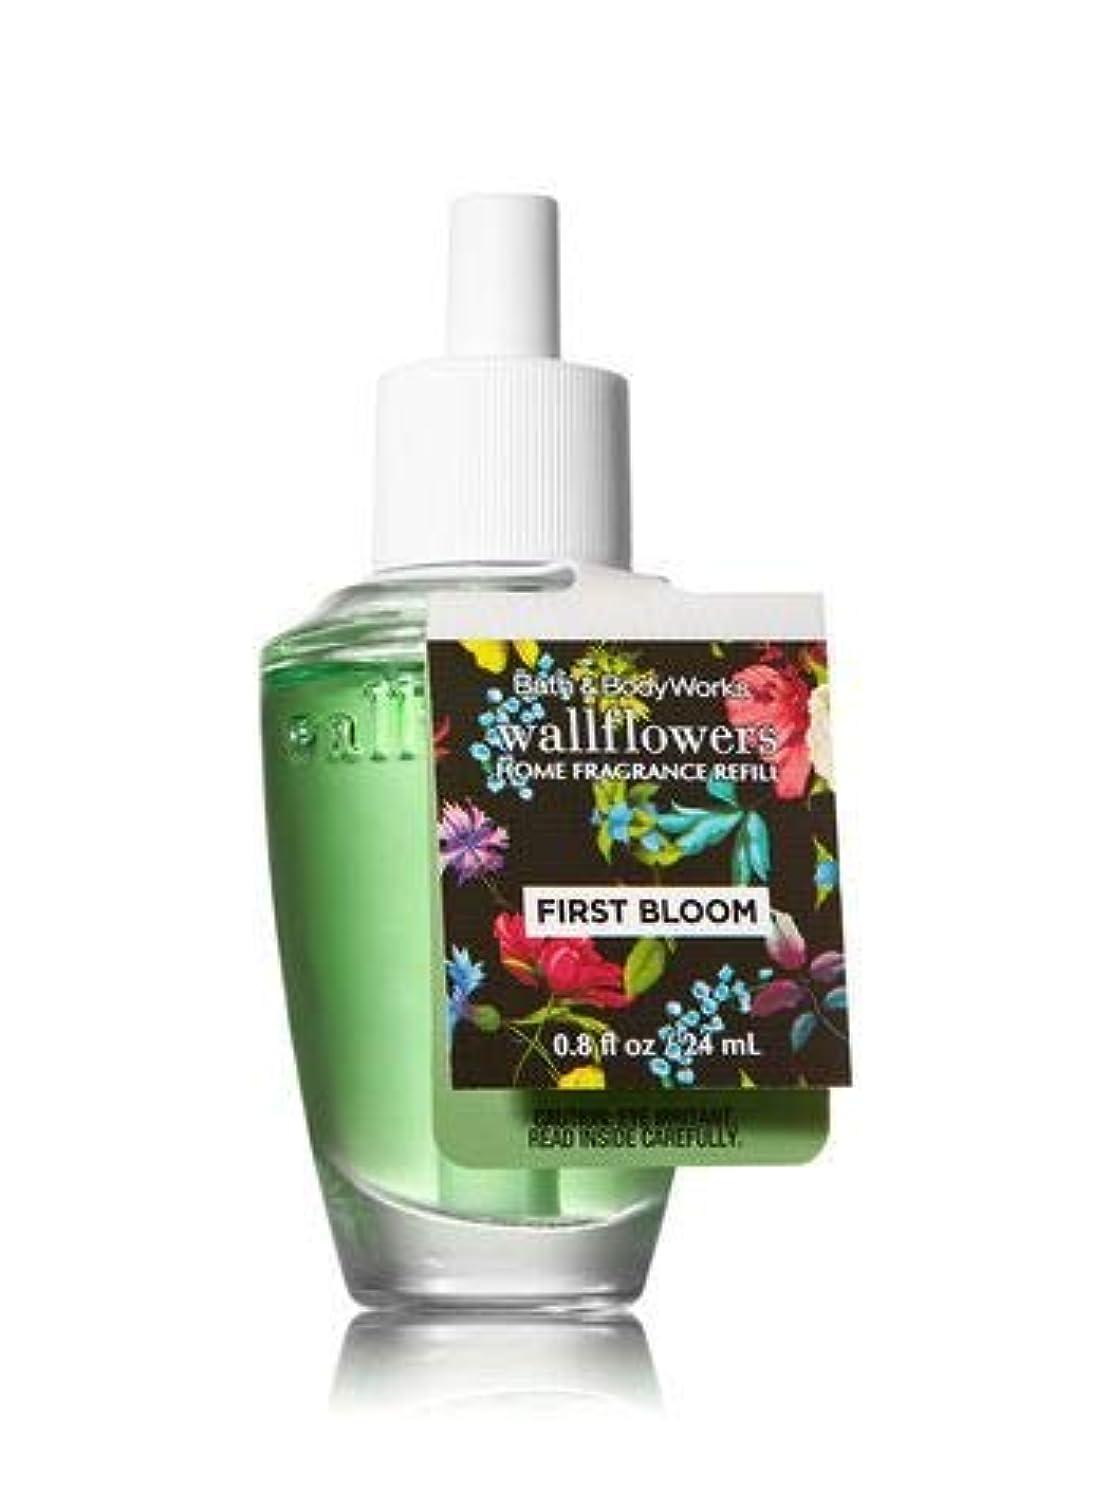 反逆者二次未満【Bath&Body Works/バス&ボディワークス】 ルームフレグランス 詰替えリフィル ファーストブルーム Wallflowers Home Fragrance Refill First Bloom [並行輸入品]